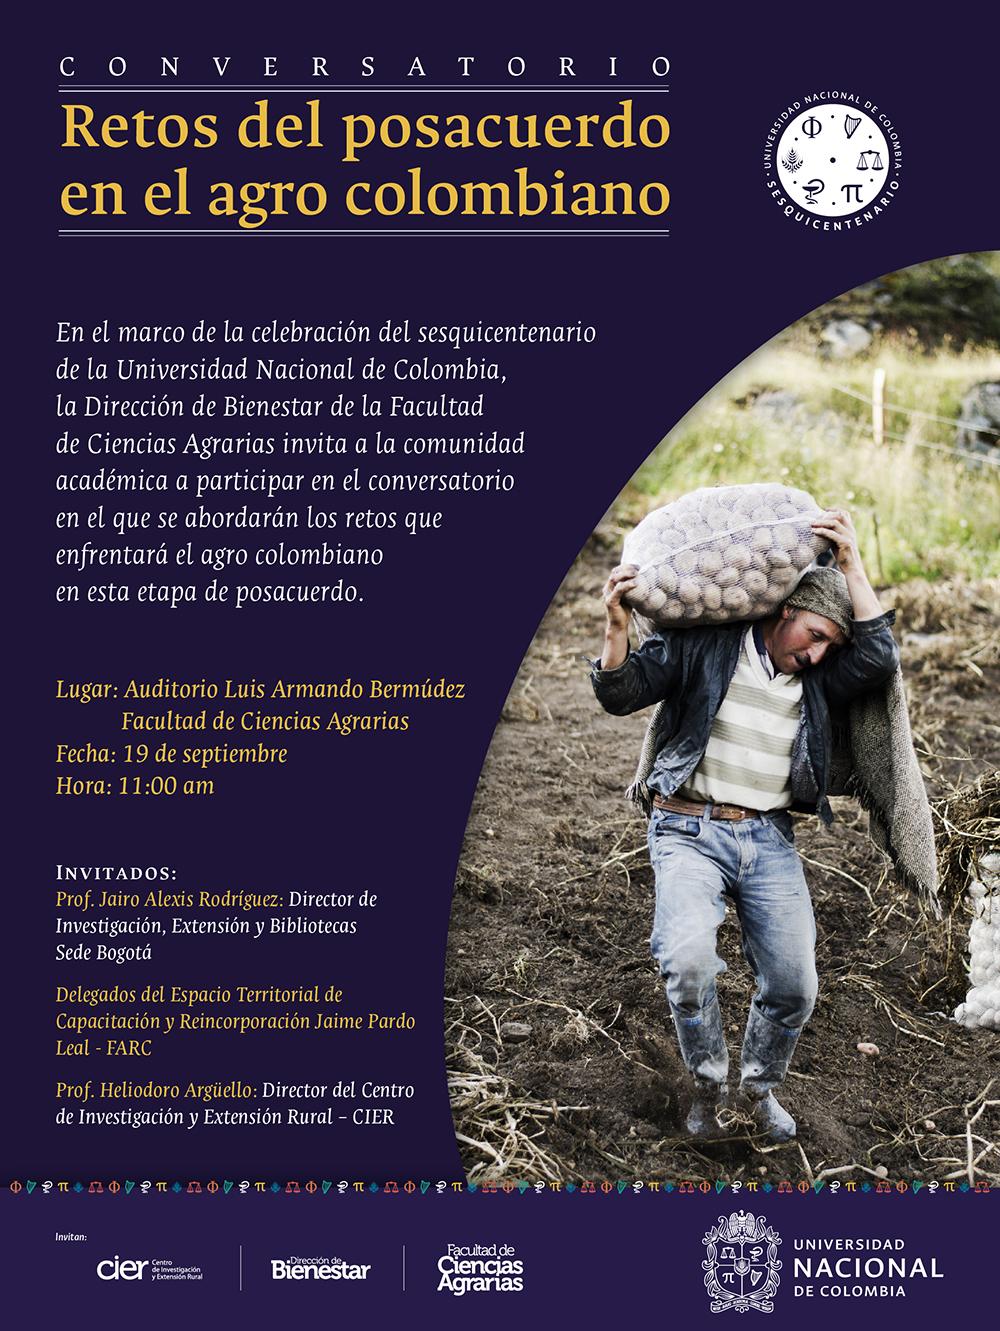 Conversatorio: Retos del posacuerdo en el agro colombiano